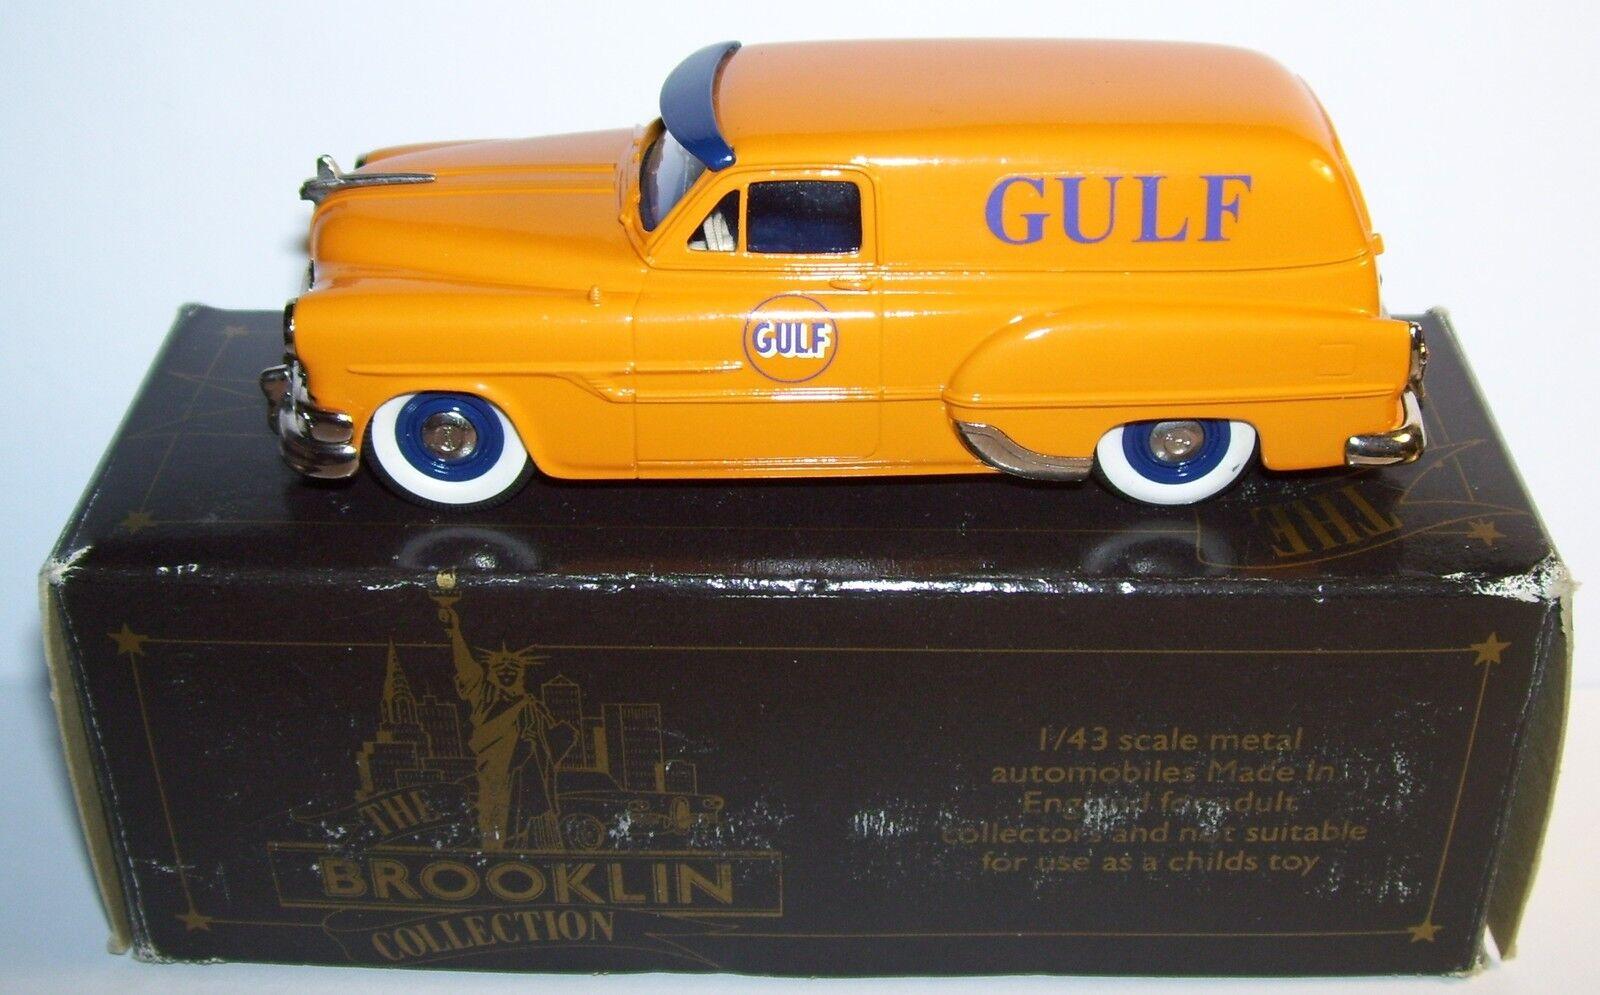 Brooklin falken pontiac lieferung gulf oil 1953 Gelb Orange (pic - nic)